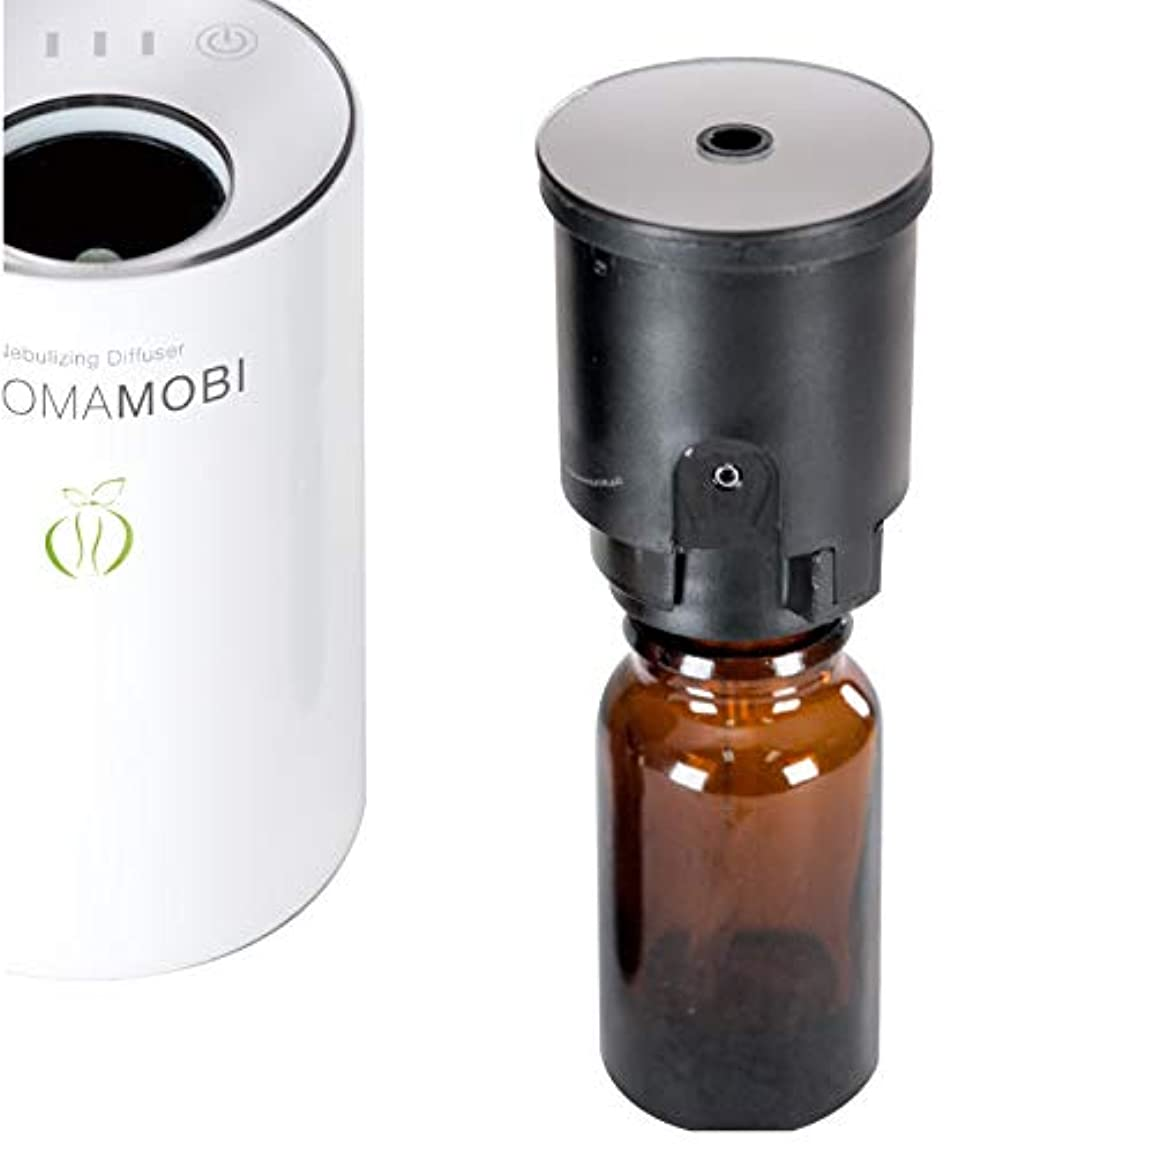 依存するながら動脈funks アロマモビ 専用 交換用 ノズル ボトルセット aromamobi アロマディフューザー